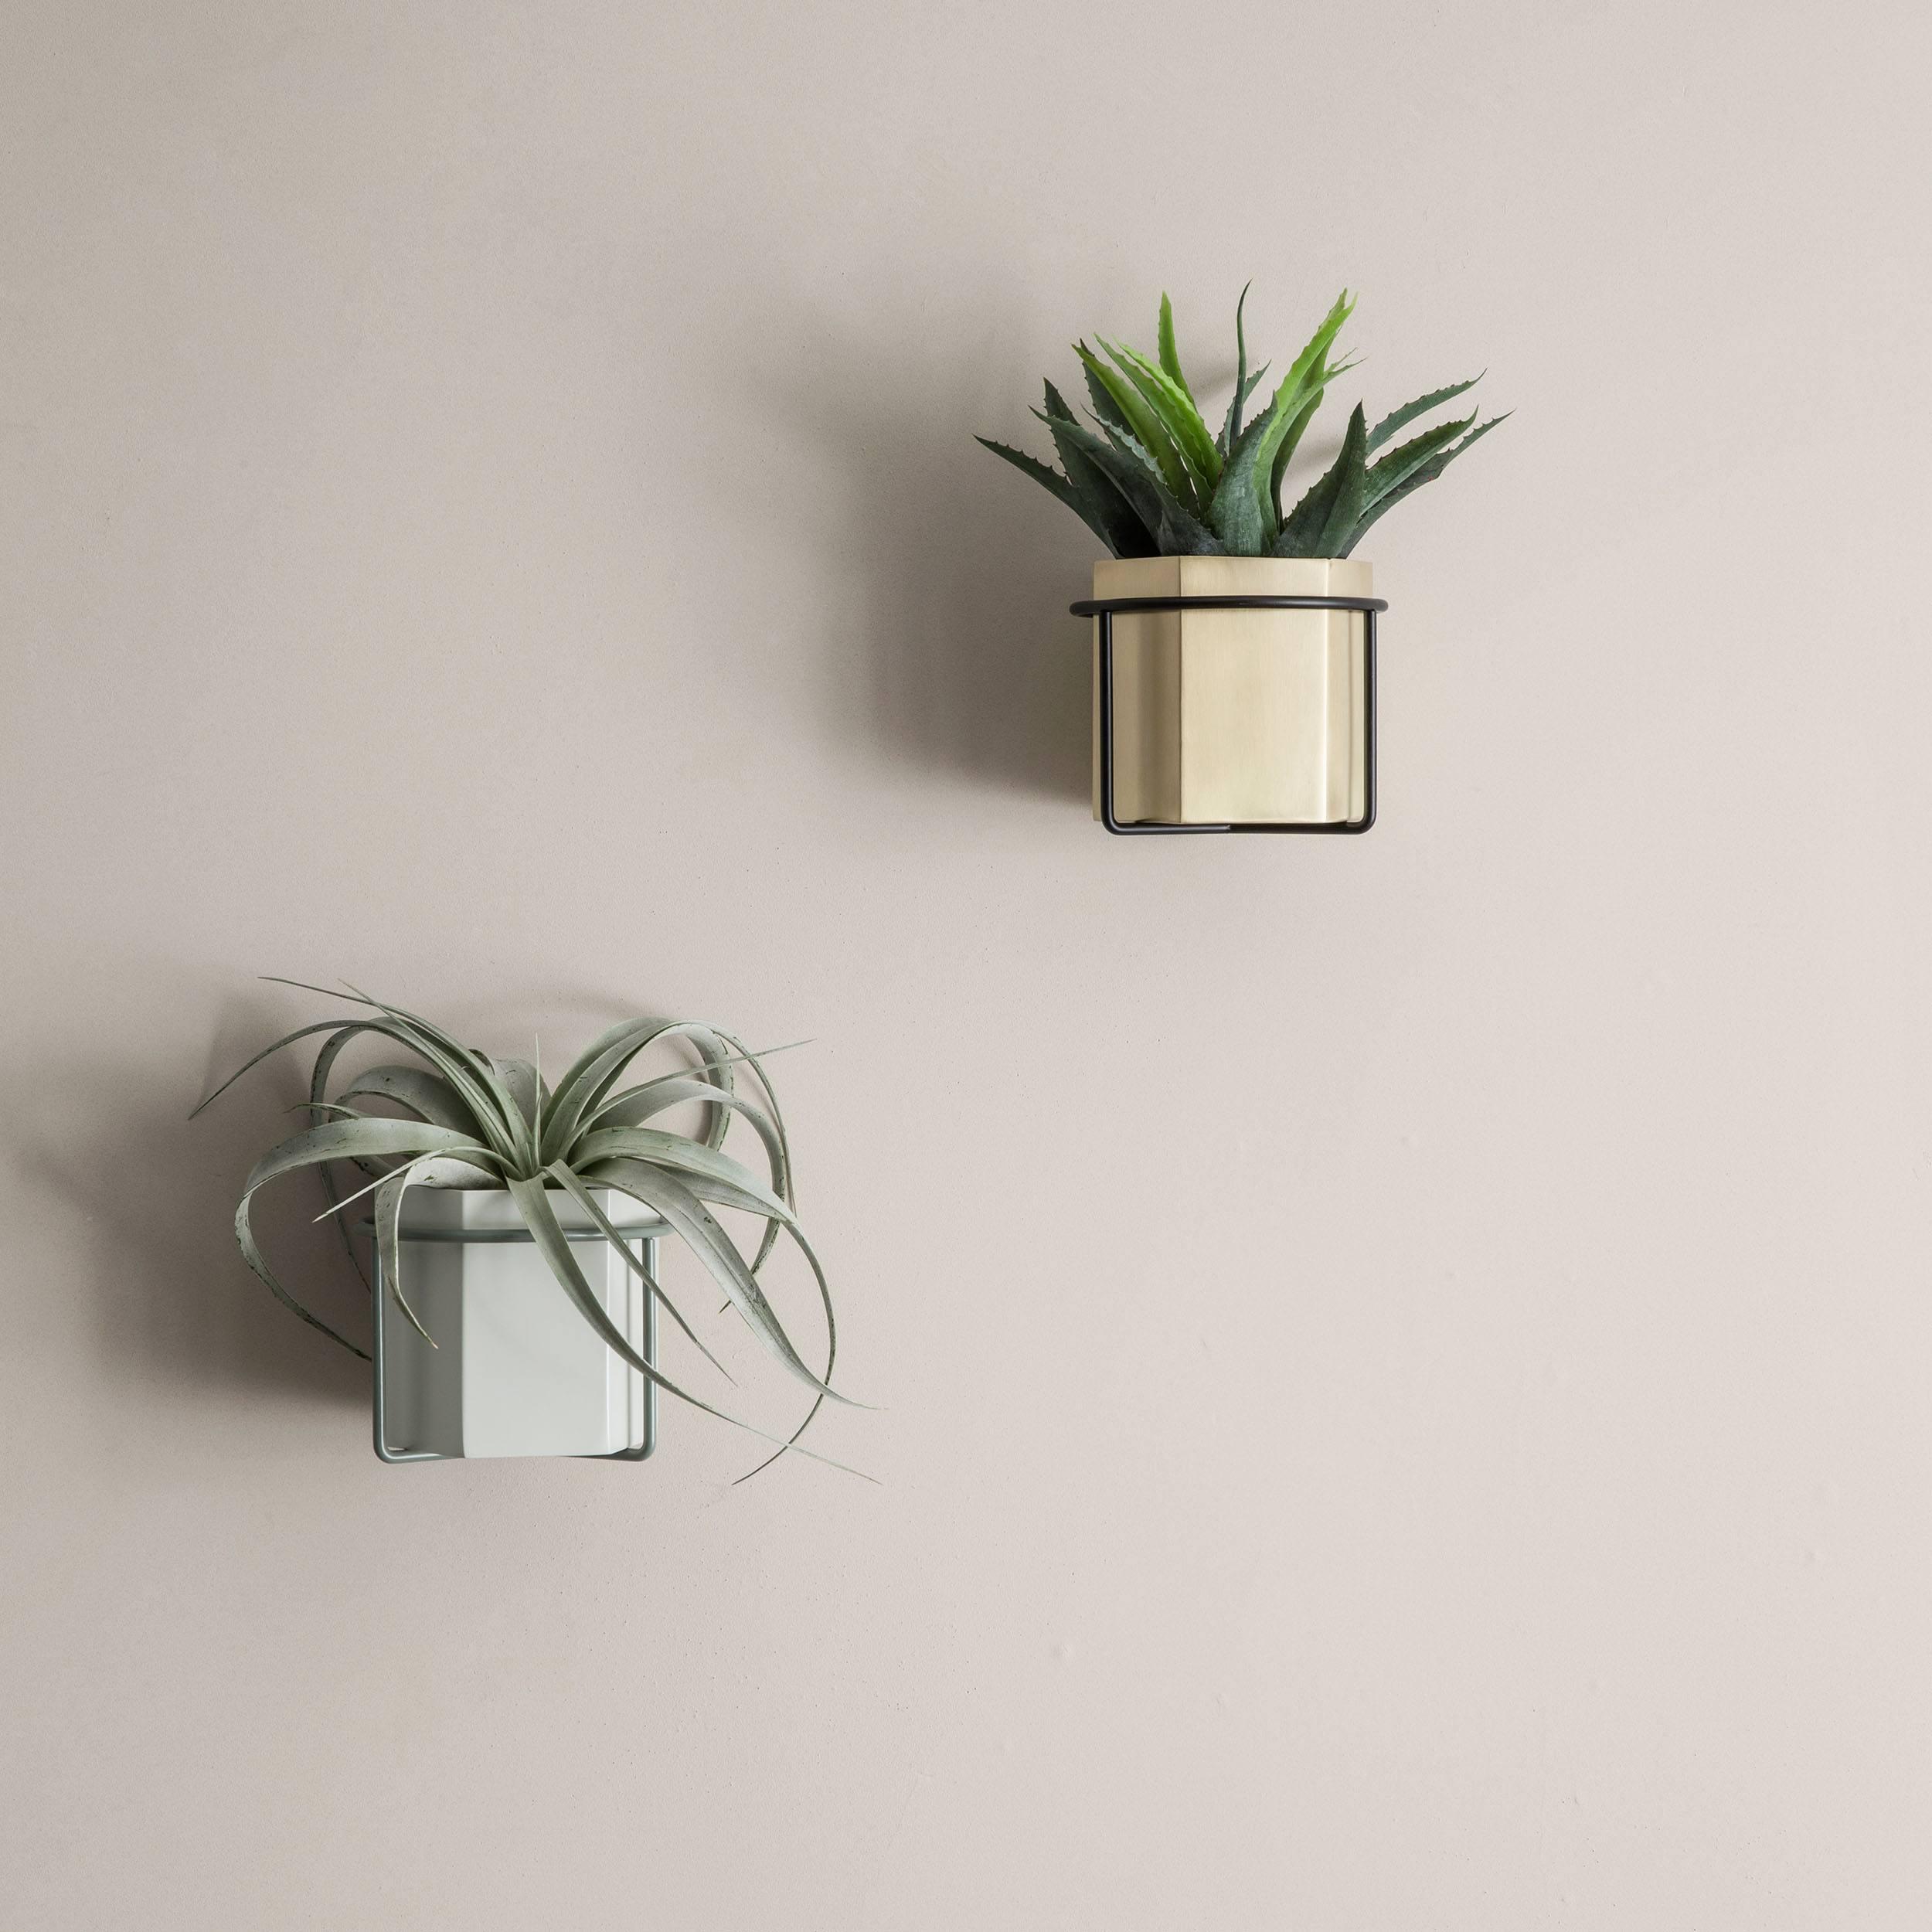 Plant Holder Wandhalterung für Blumentopf